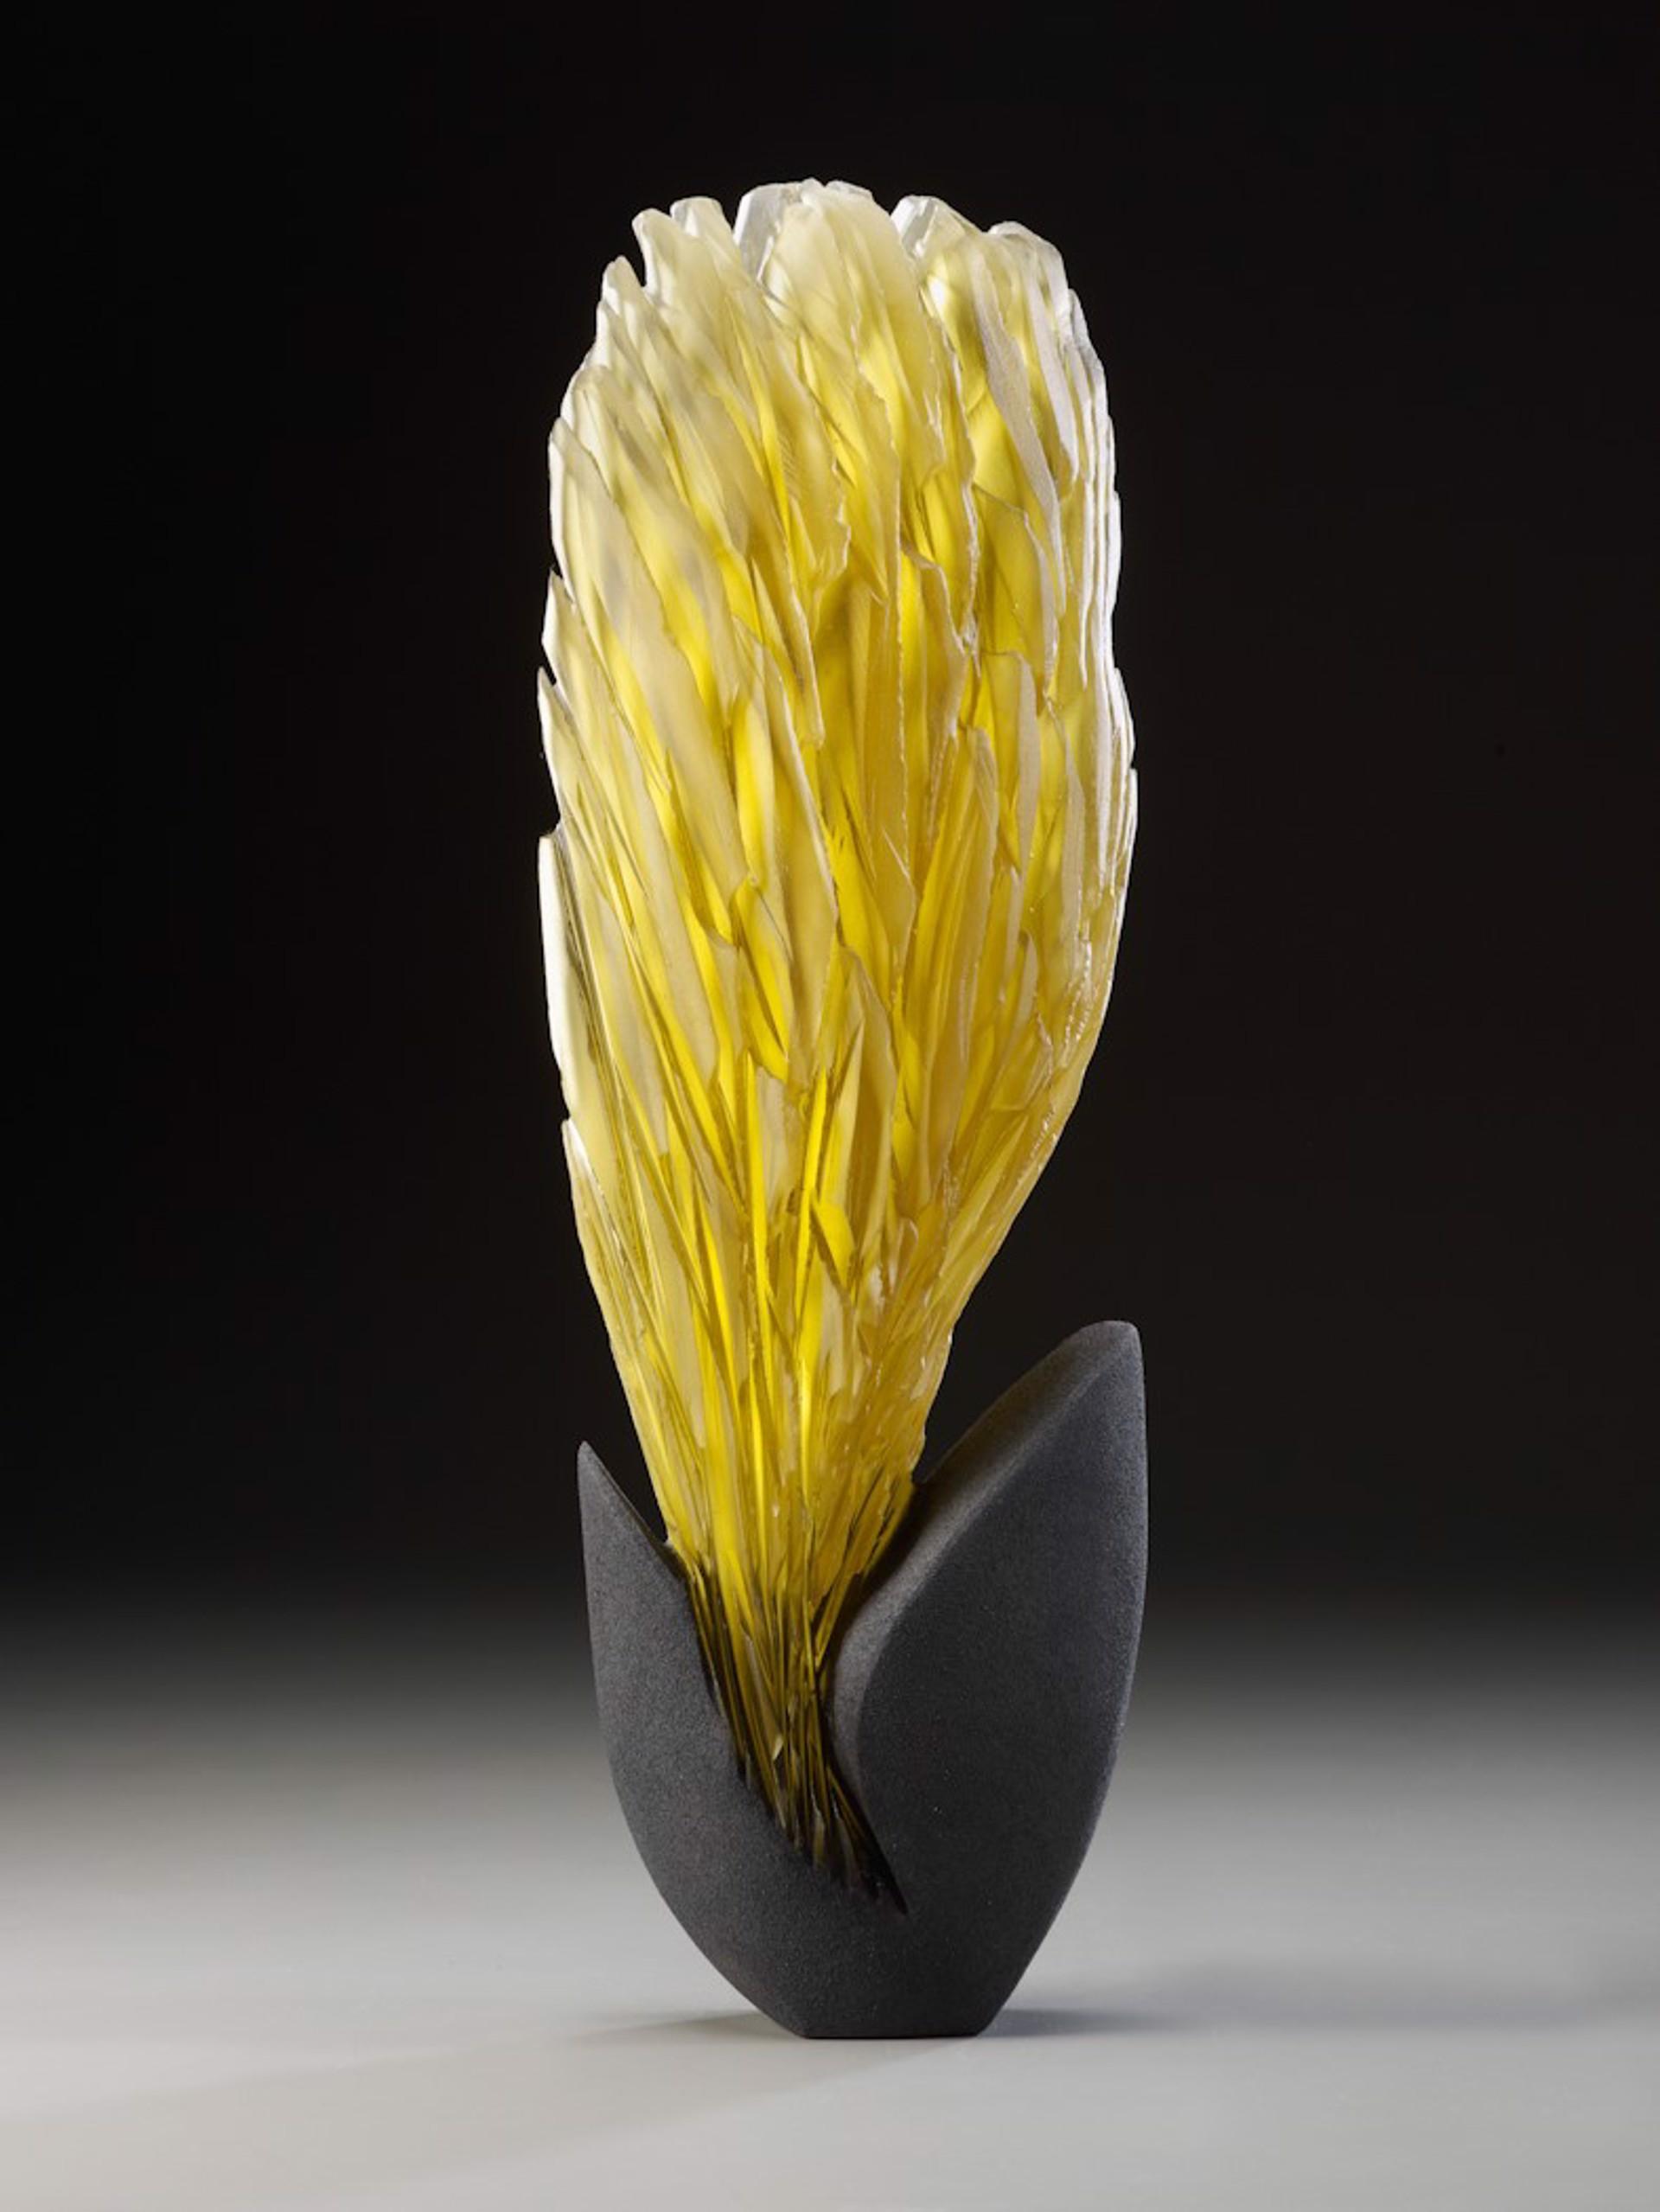 Gold Burst by Alex Bernstein